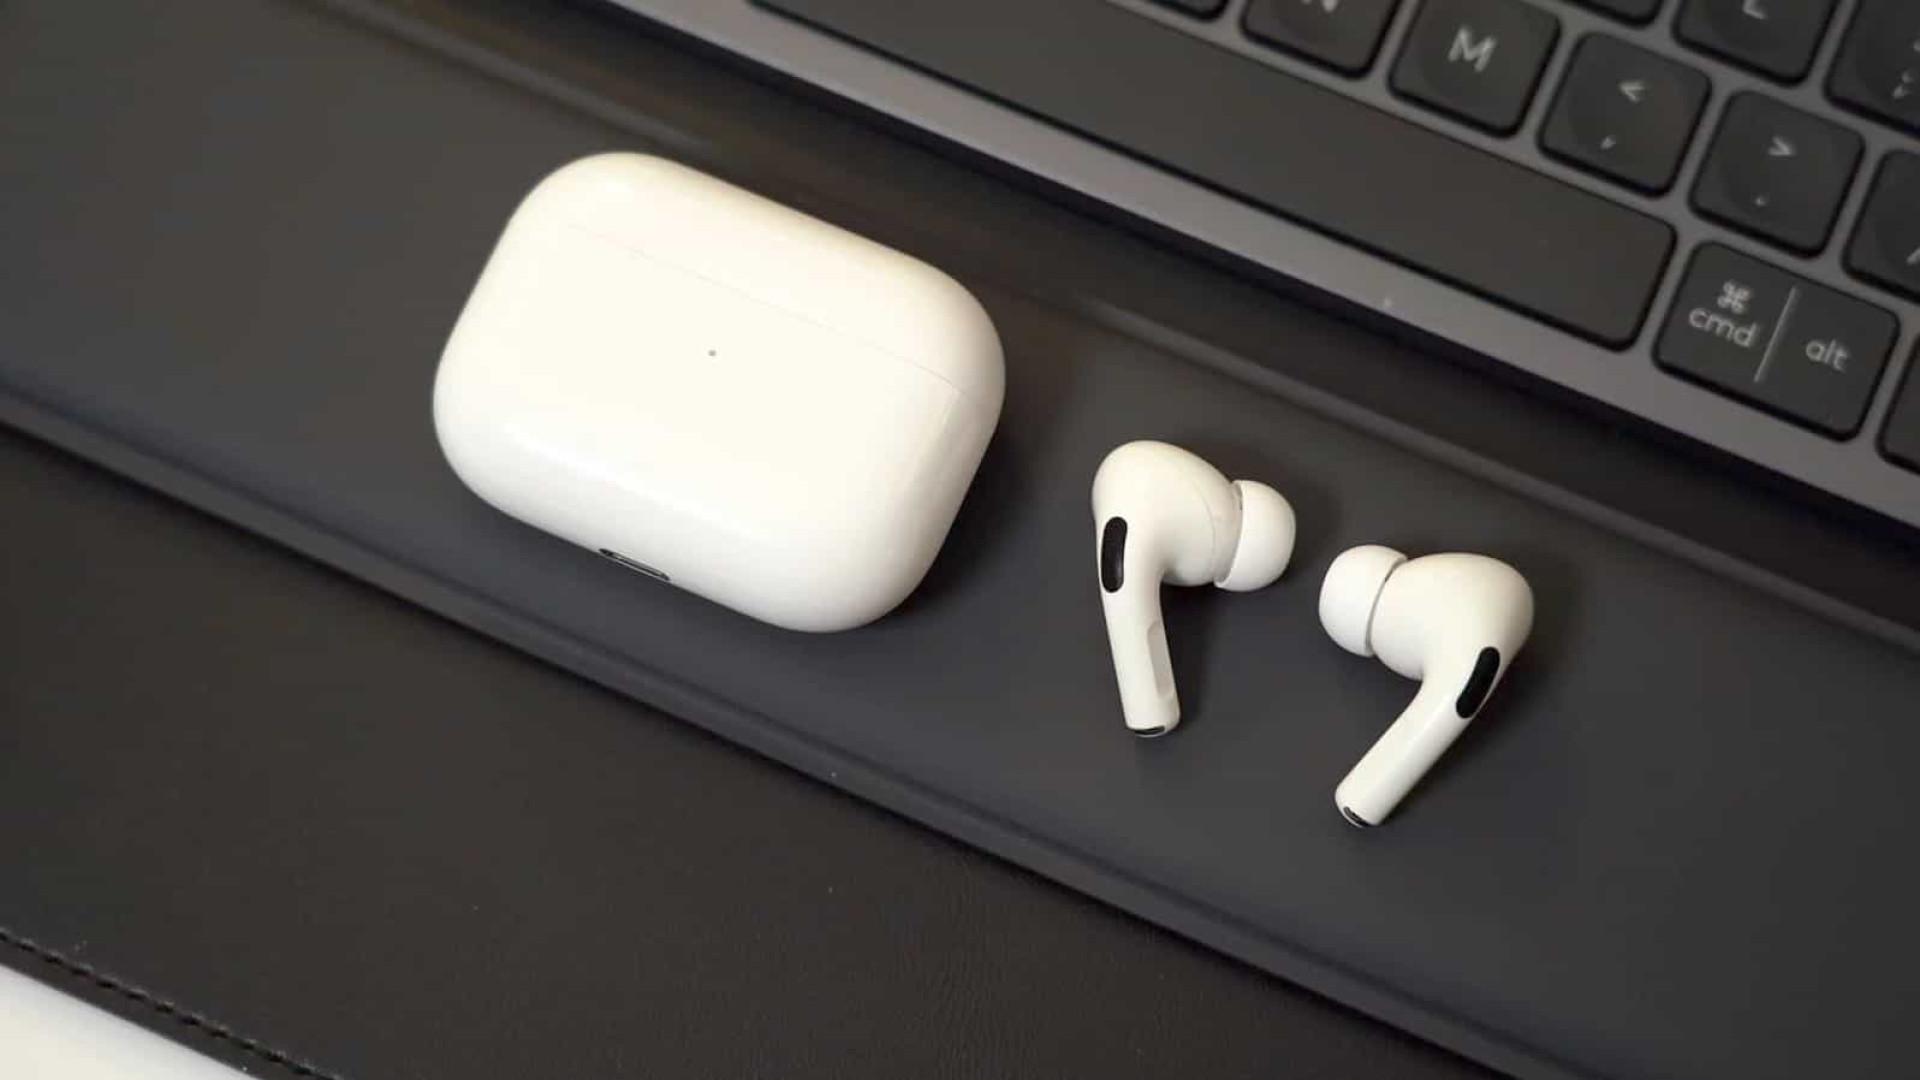 Apple planeja lançar versão mais barata dos AirPods Pro